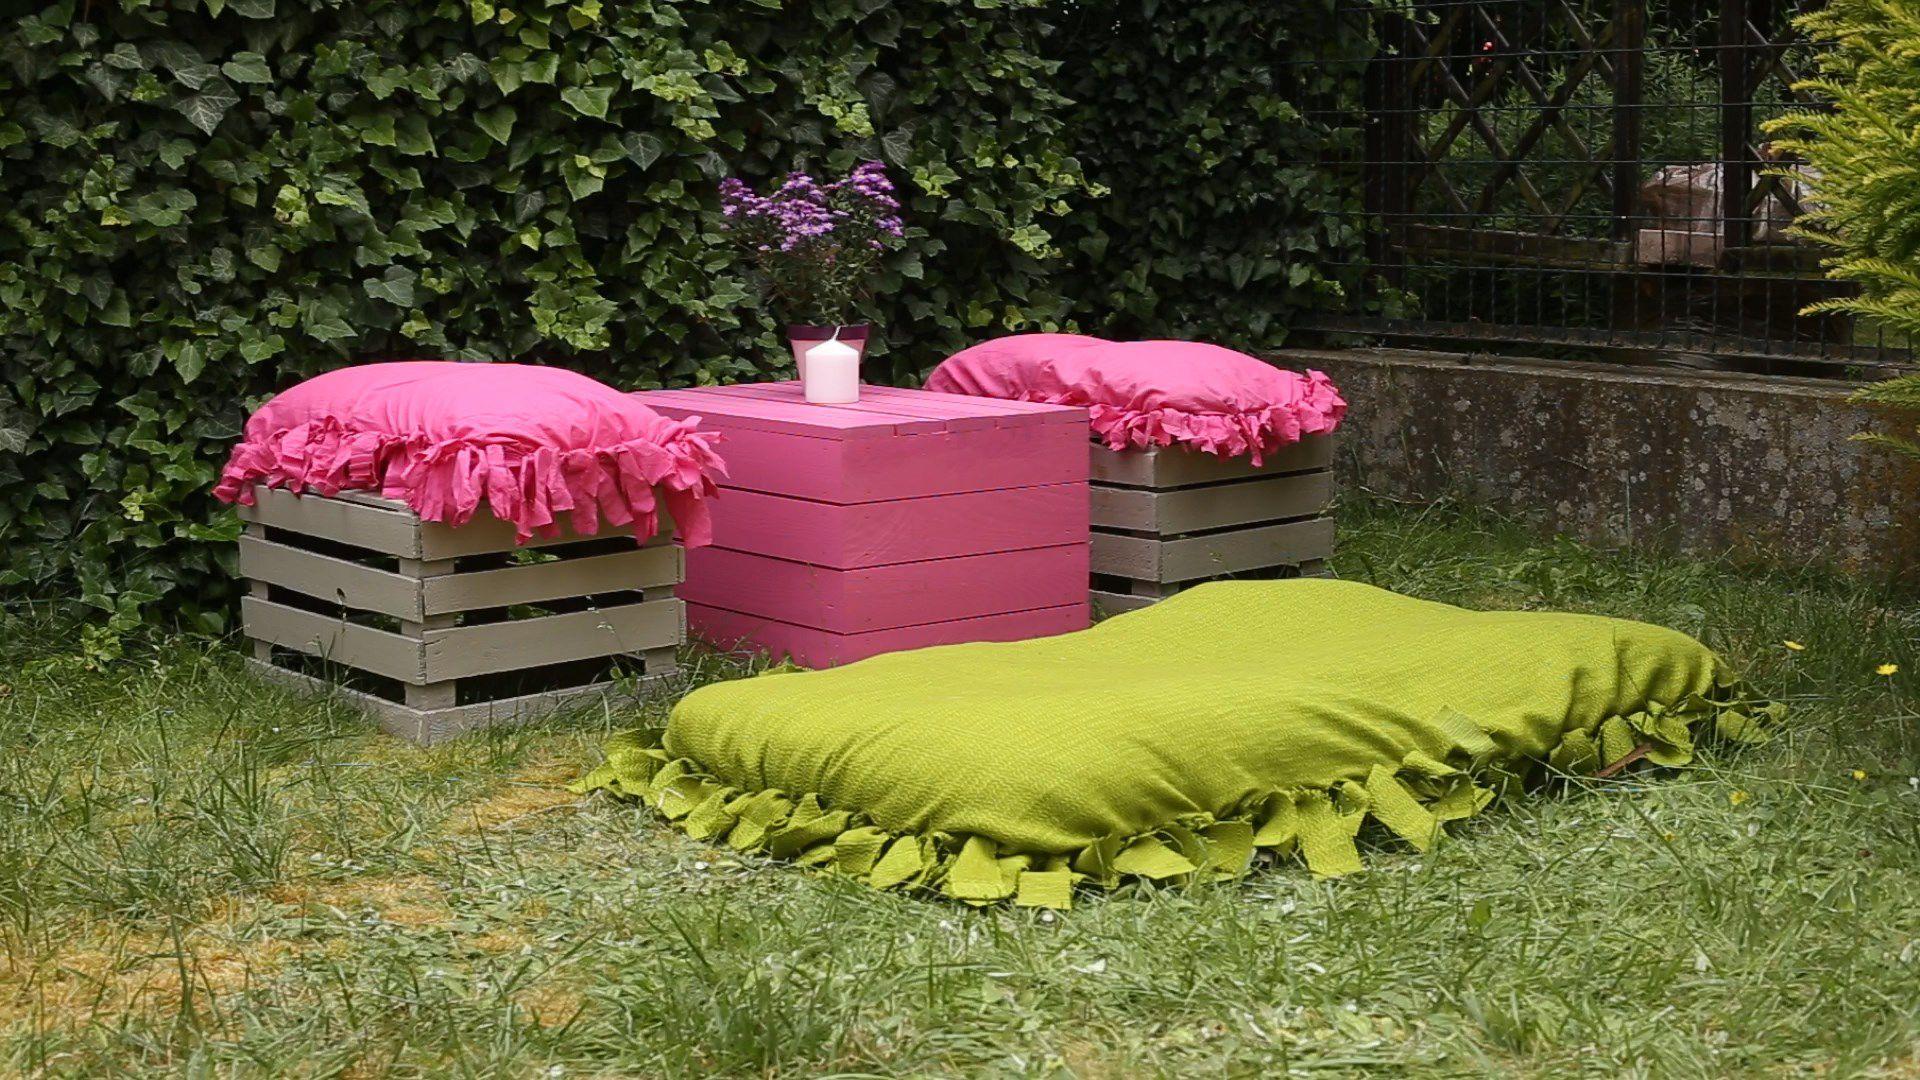 Poduszki przydadzą się do siedzenia w ogrodzie. Fot. Viva Garden